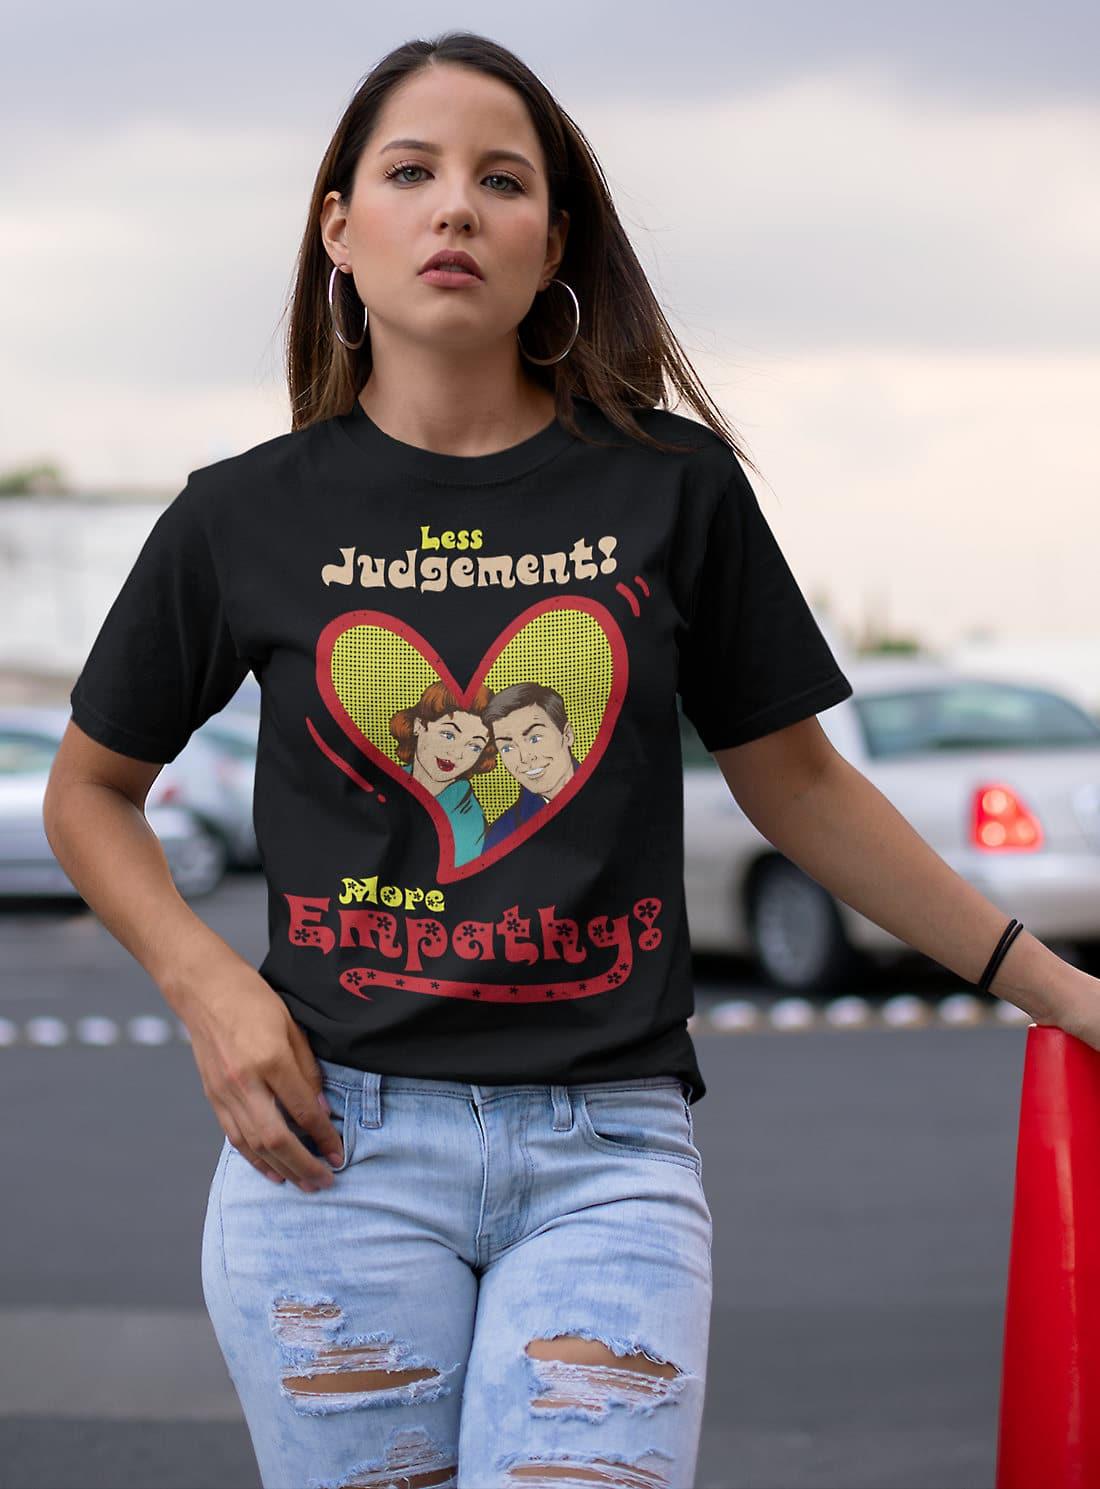 Vintage-Retro-T-shirt-less-judgement-more-empathy